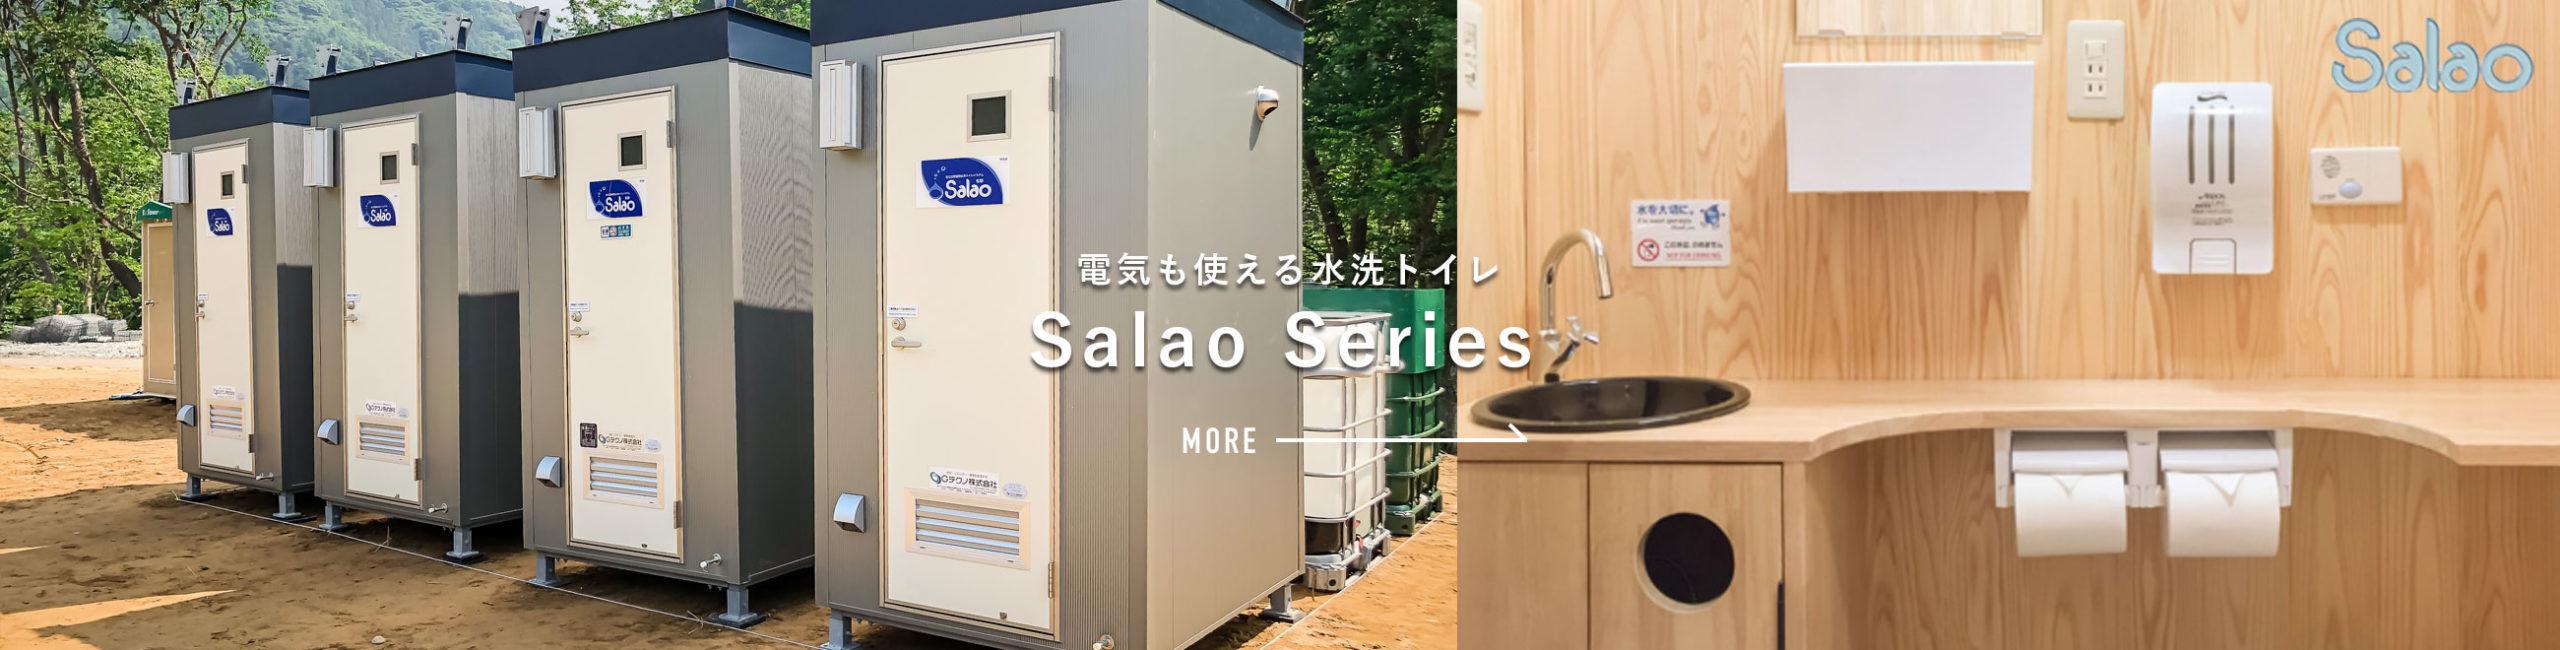 自律式移動型水洗トイレシステム サラオ